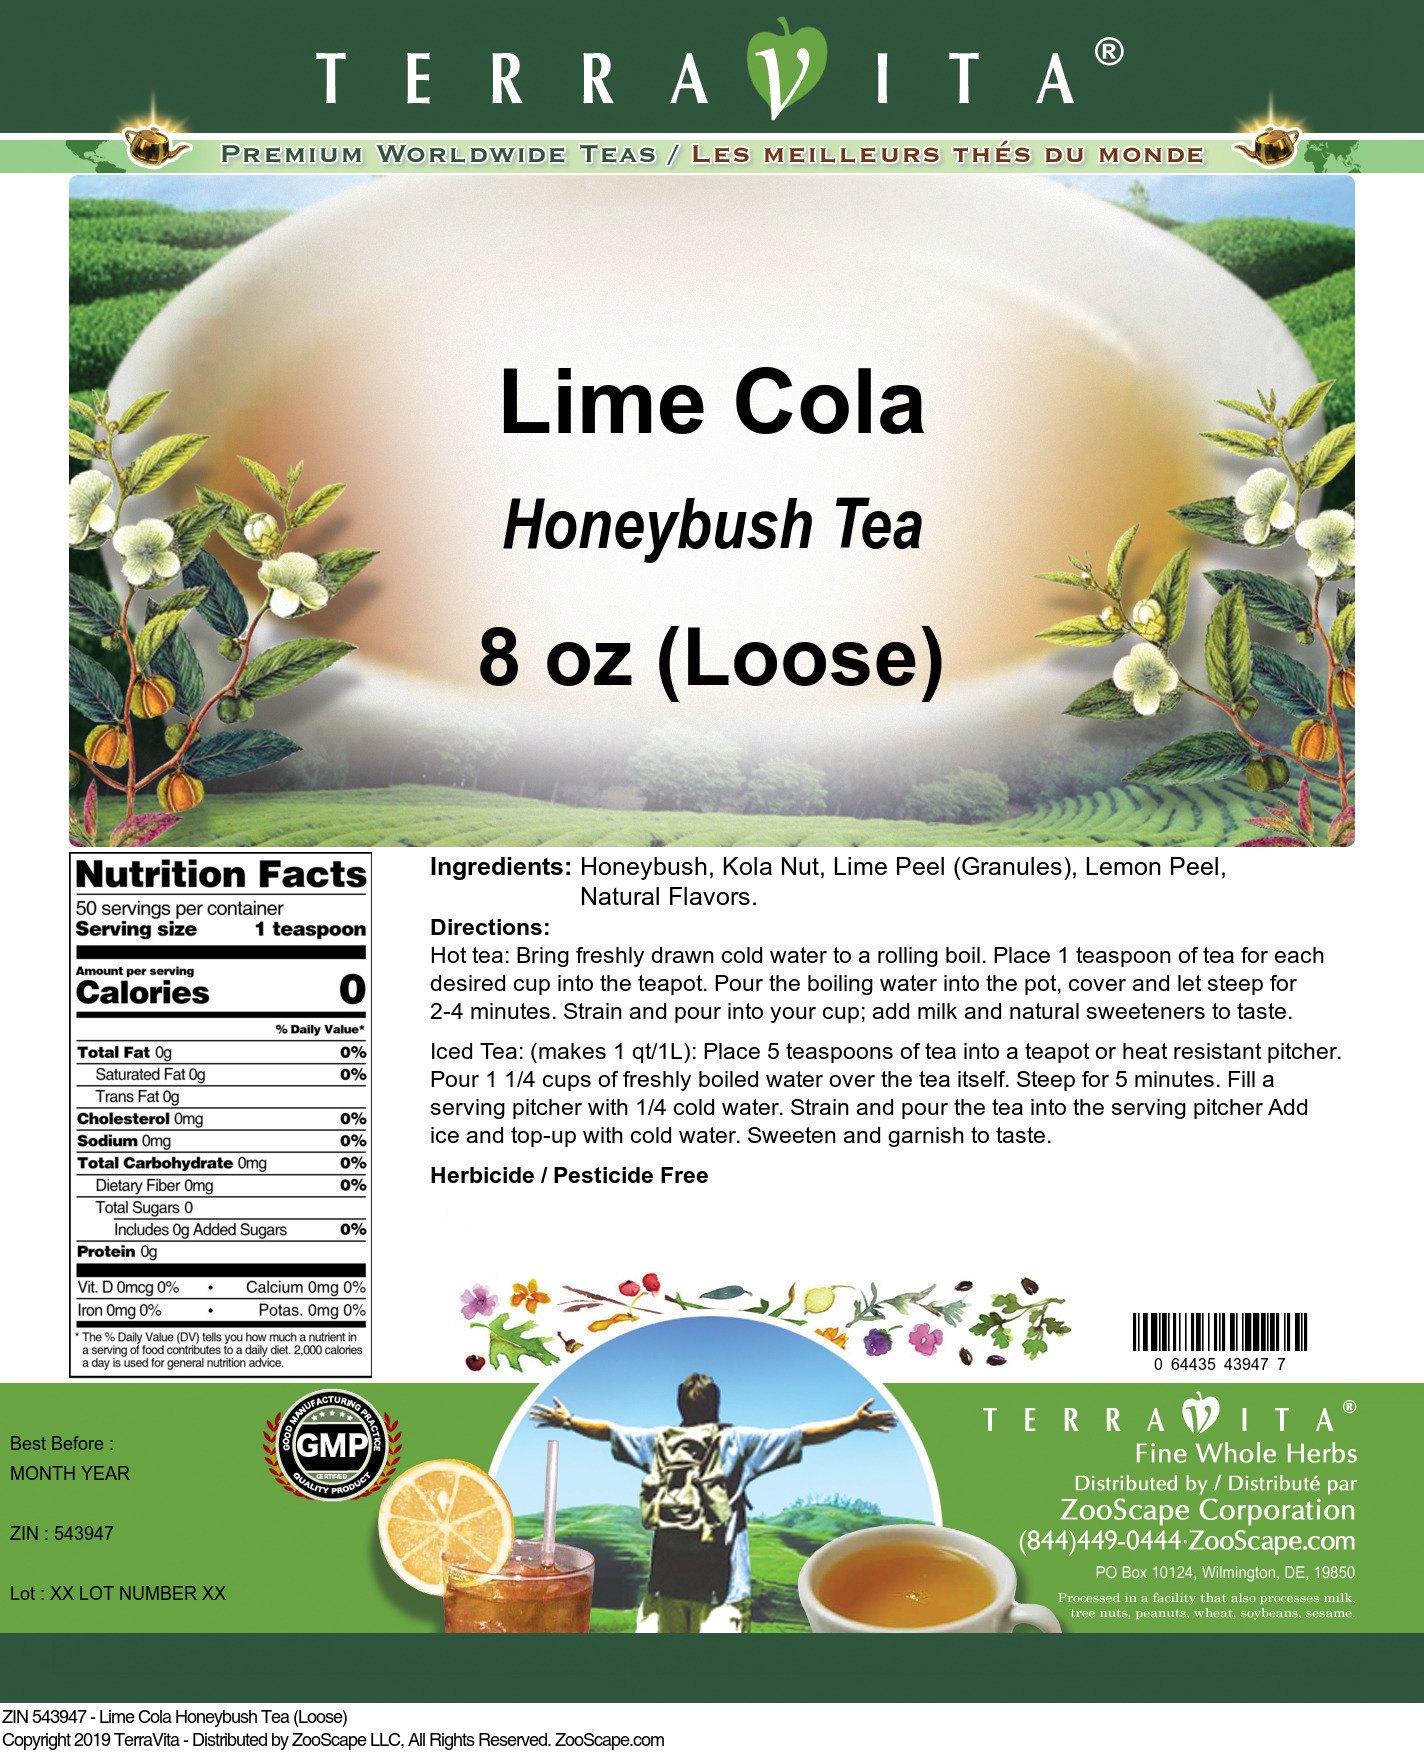 Lime Cola Honeybush Tea (Loose)